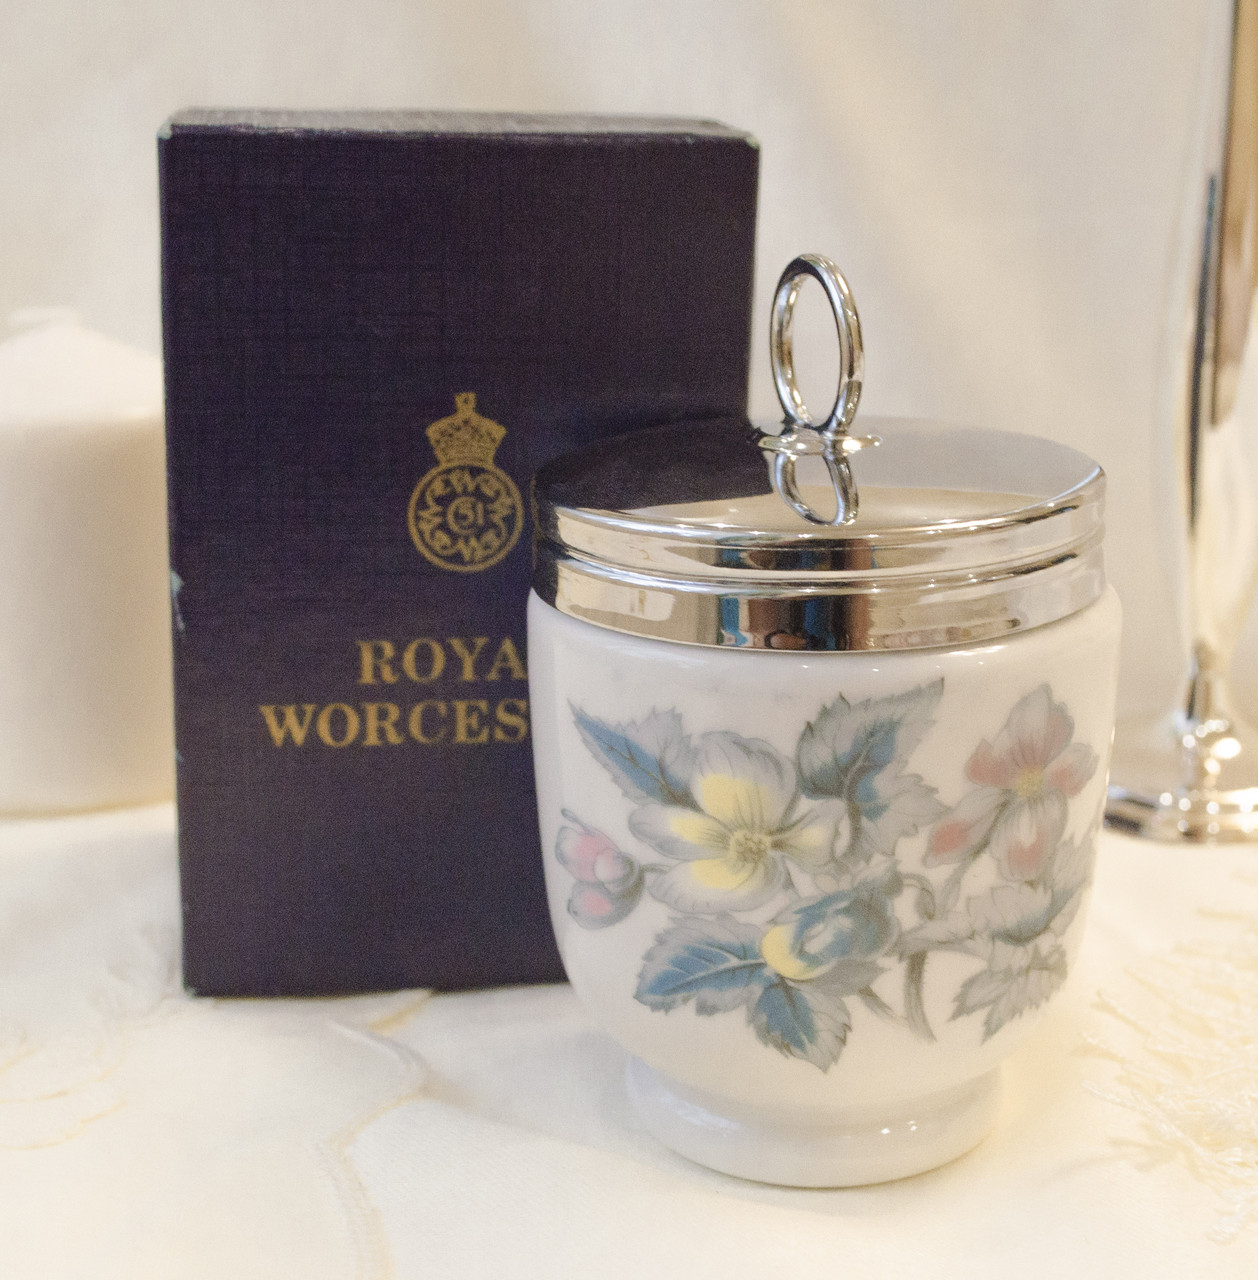 Фарфоровый кодлер на два яйца, King size, Royal Worcester, фарфор, Великобритания